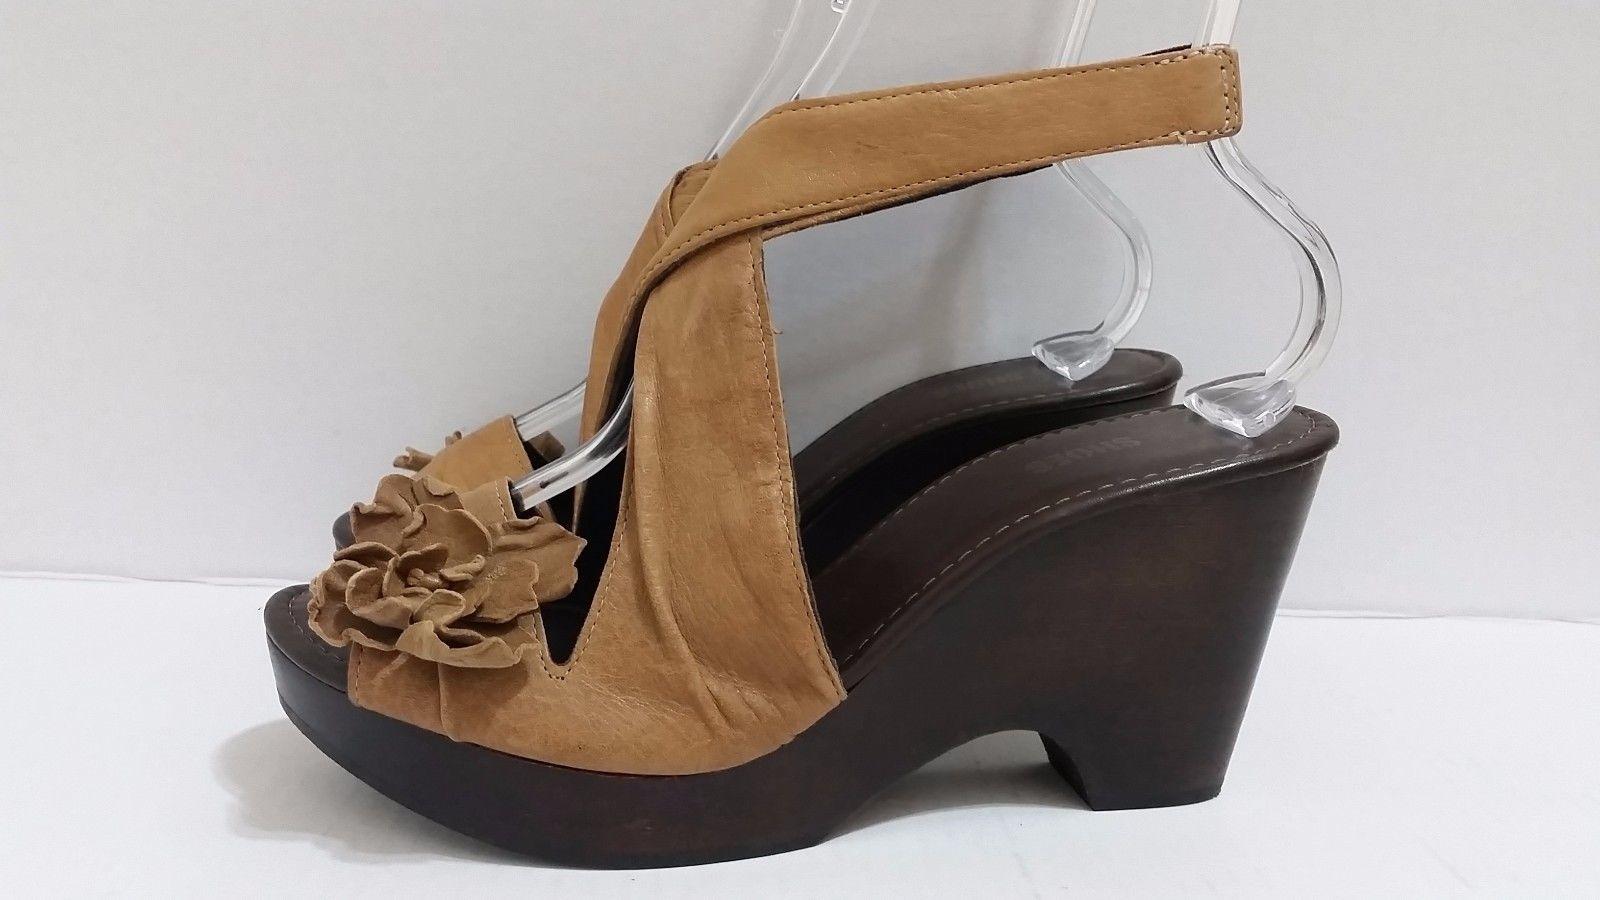 f8dea40d3062 NARA SHOES Brown Leather Sandals Wooden Platform Heels Peep Toe Sling Back  Wrap